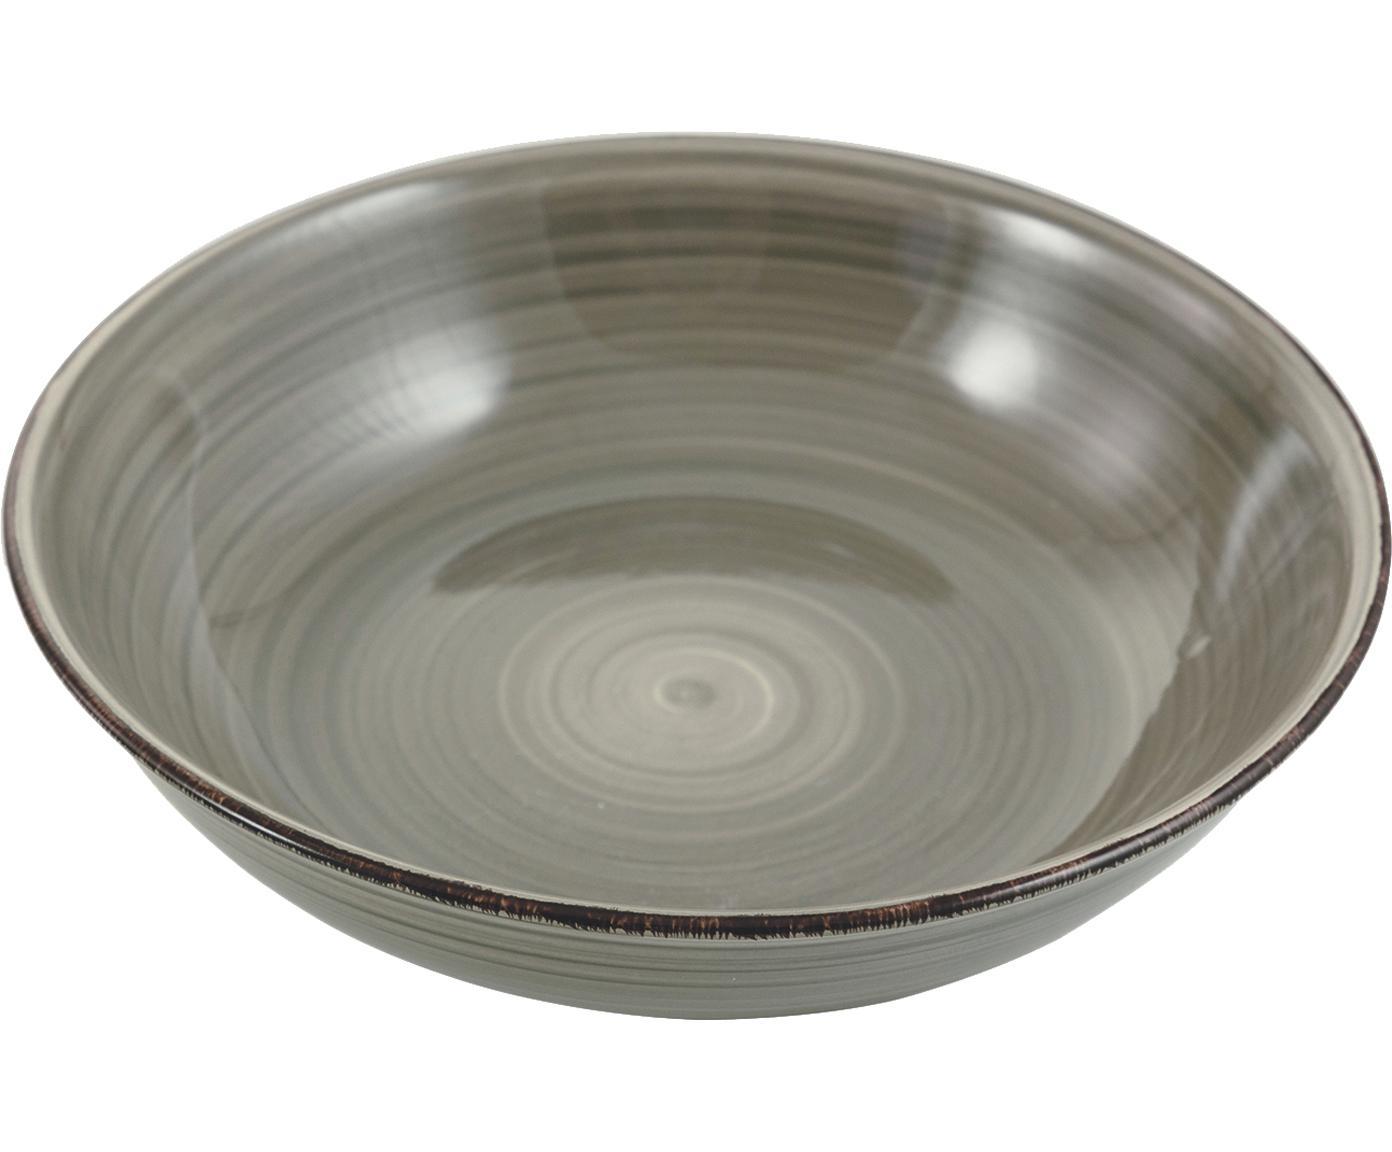 Handbemalte Schüssel Baita, Steingut, handbemalt, Grau, Ø 29 x H 7 cm